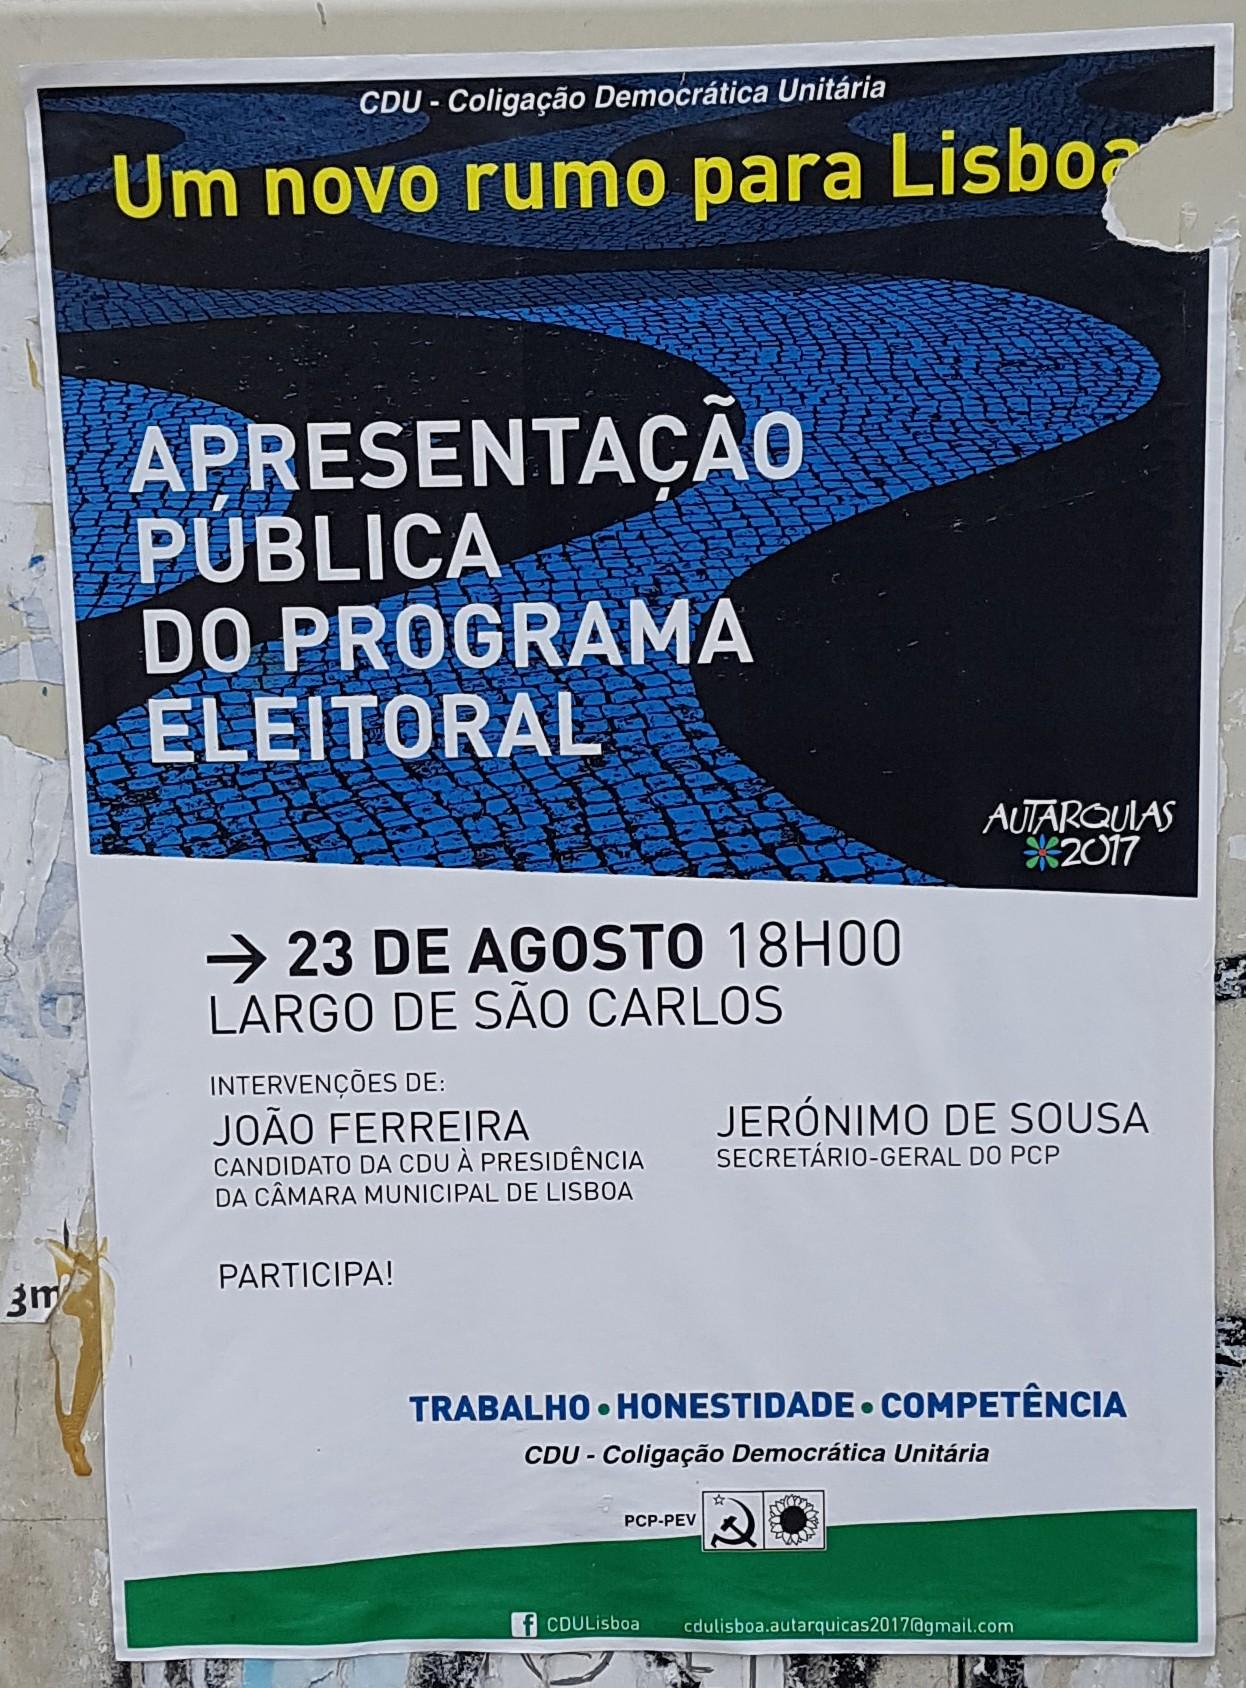 CDU 2017 Lisboa